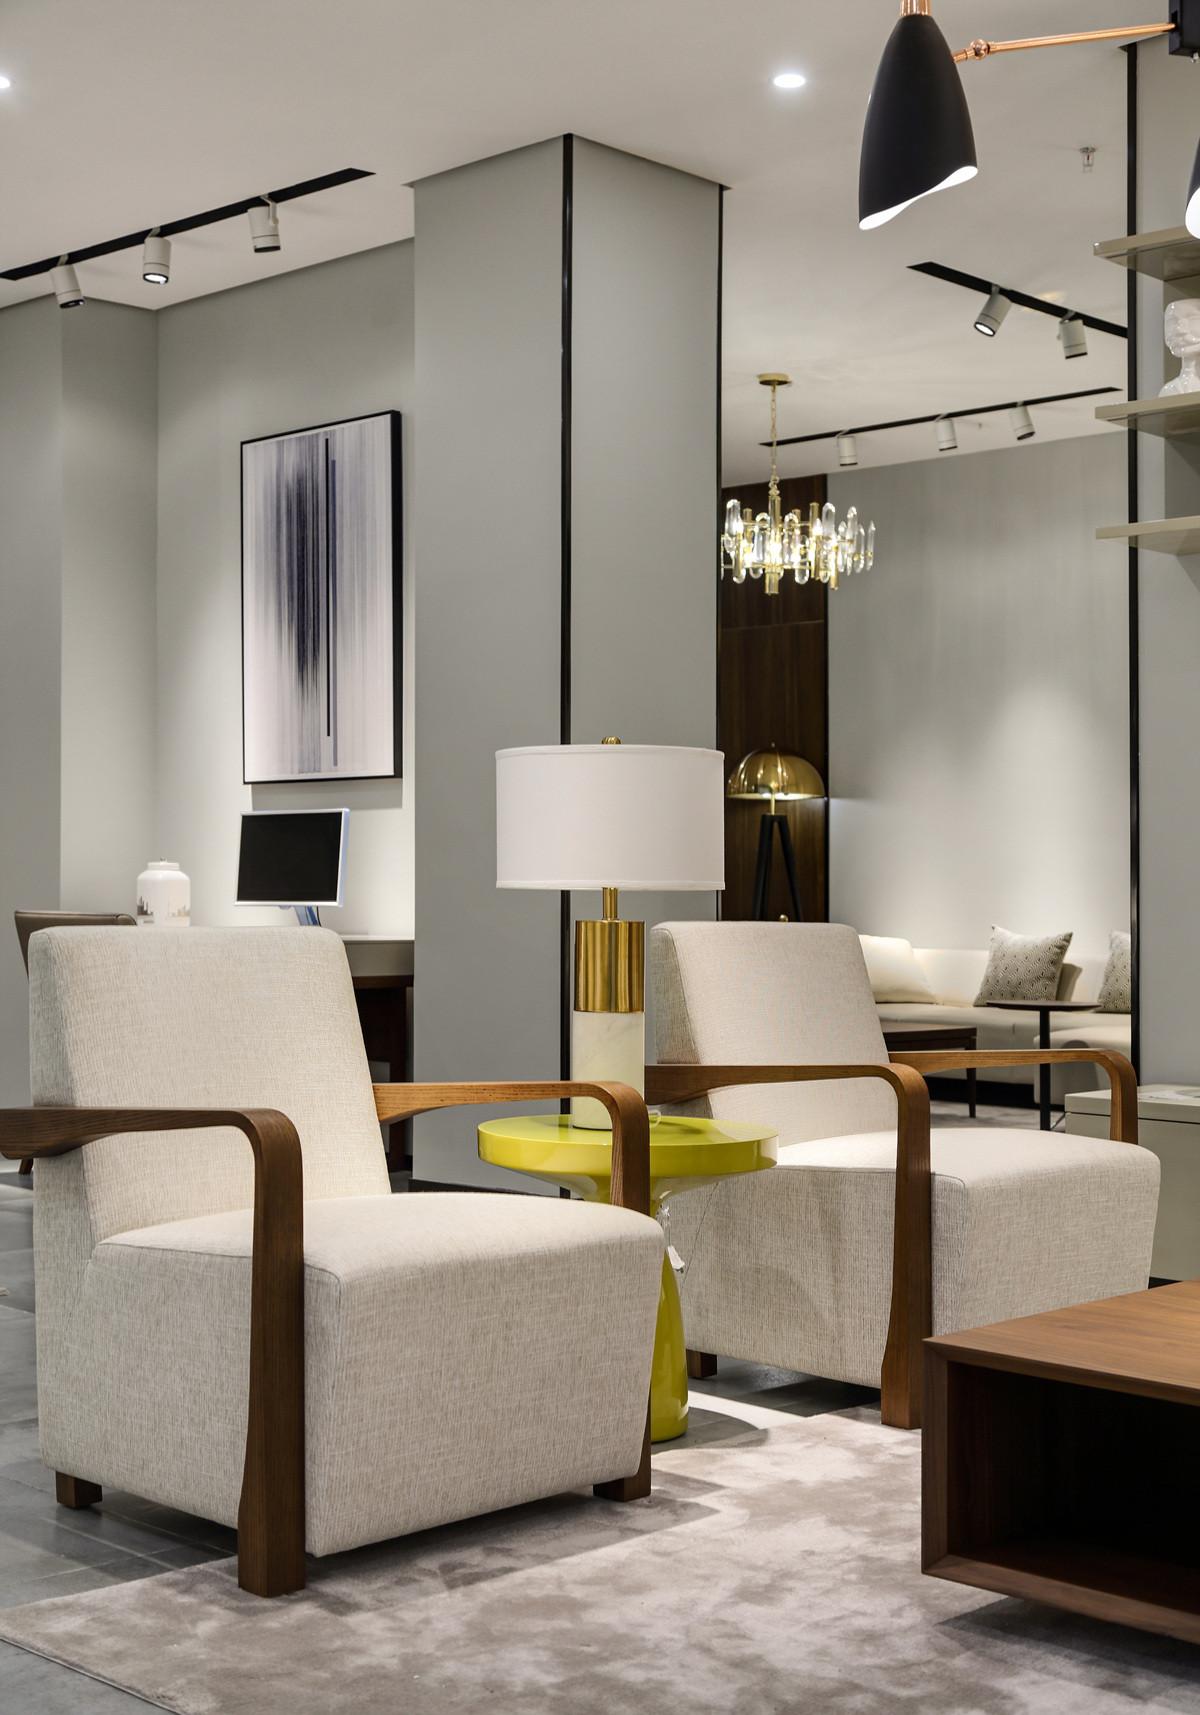 家装展厅装修单人椅图片